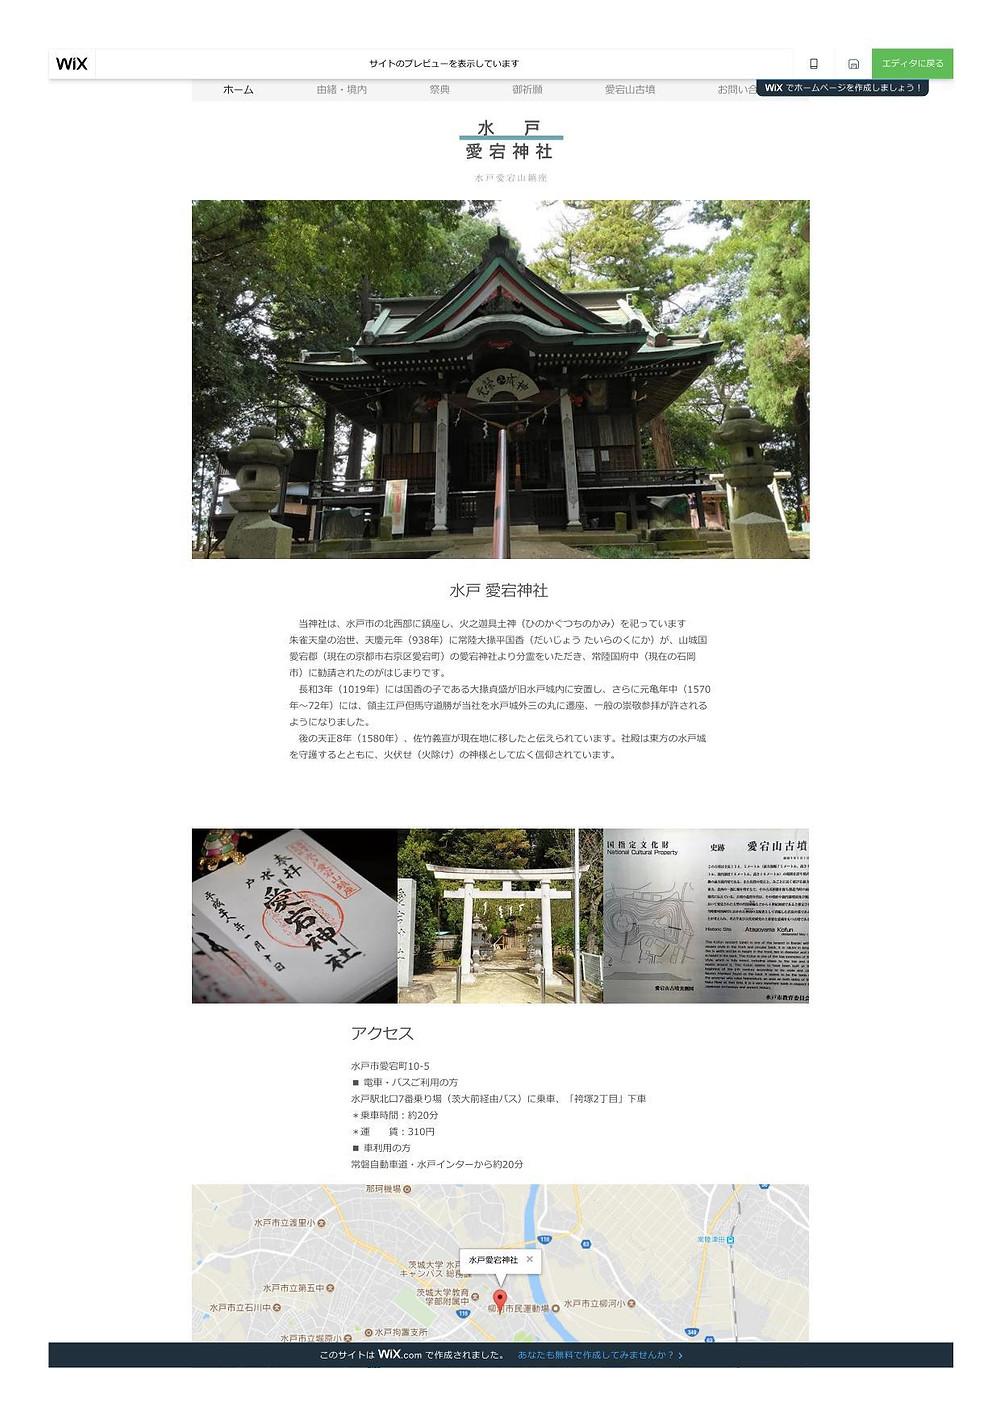 WIX_image01